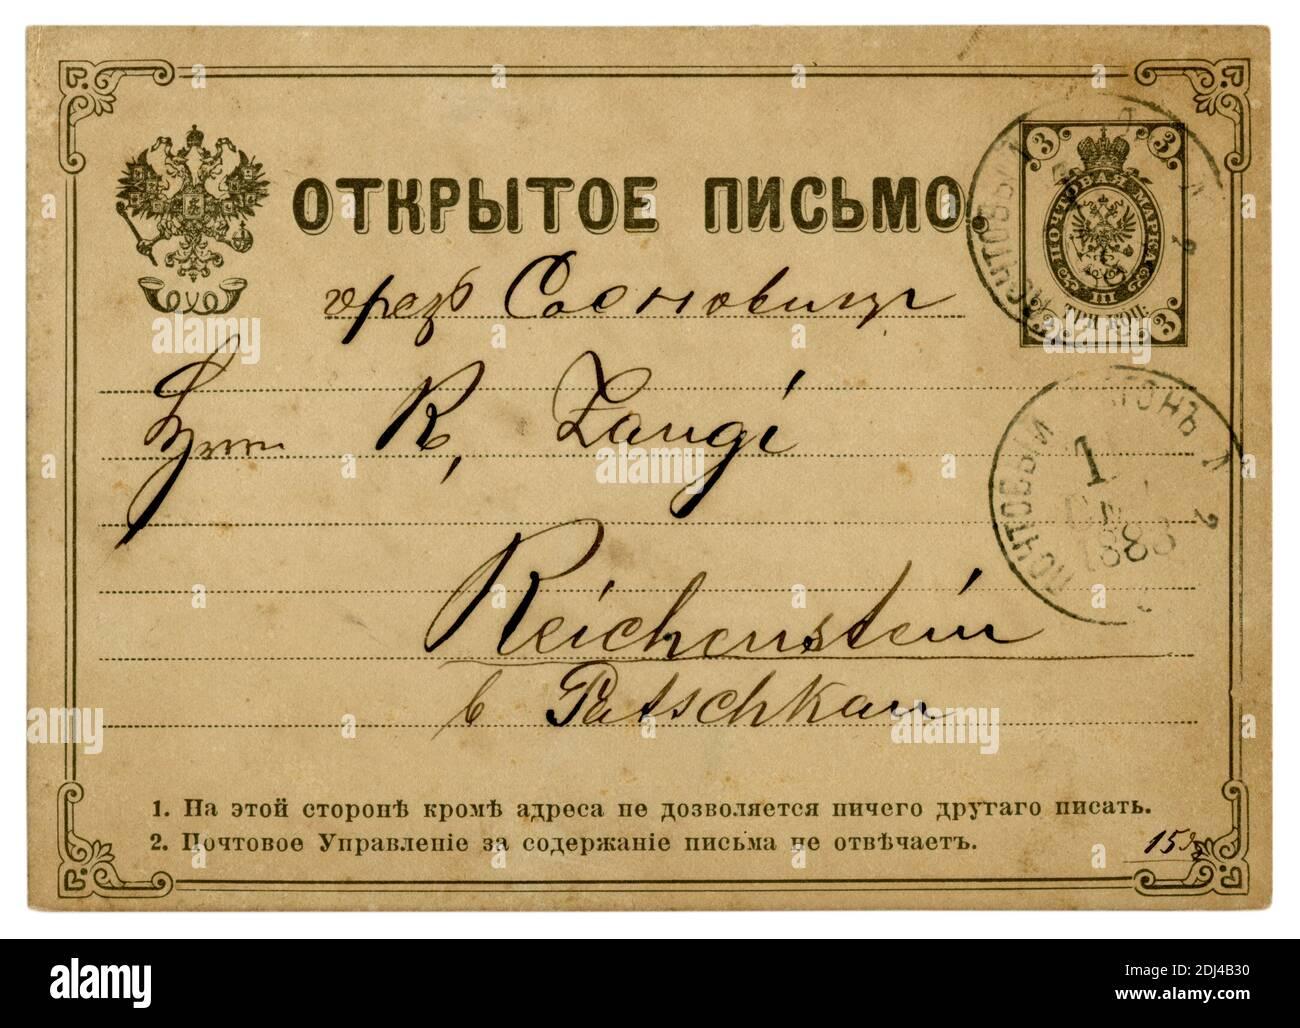 Carte postale historique russe avec aigle à double tête, timbre-poste imprimé, cachet postal du wagon postal, lettre à Patschkau, Empire allemand, 1883 Banque D'Images